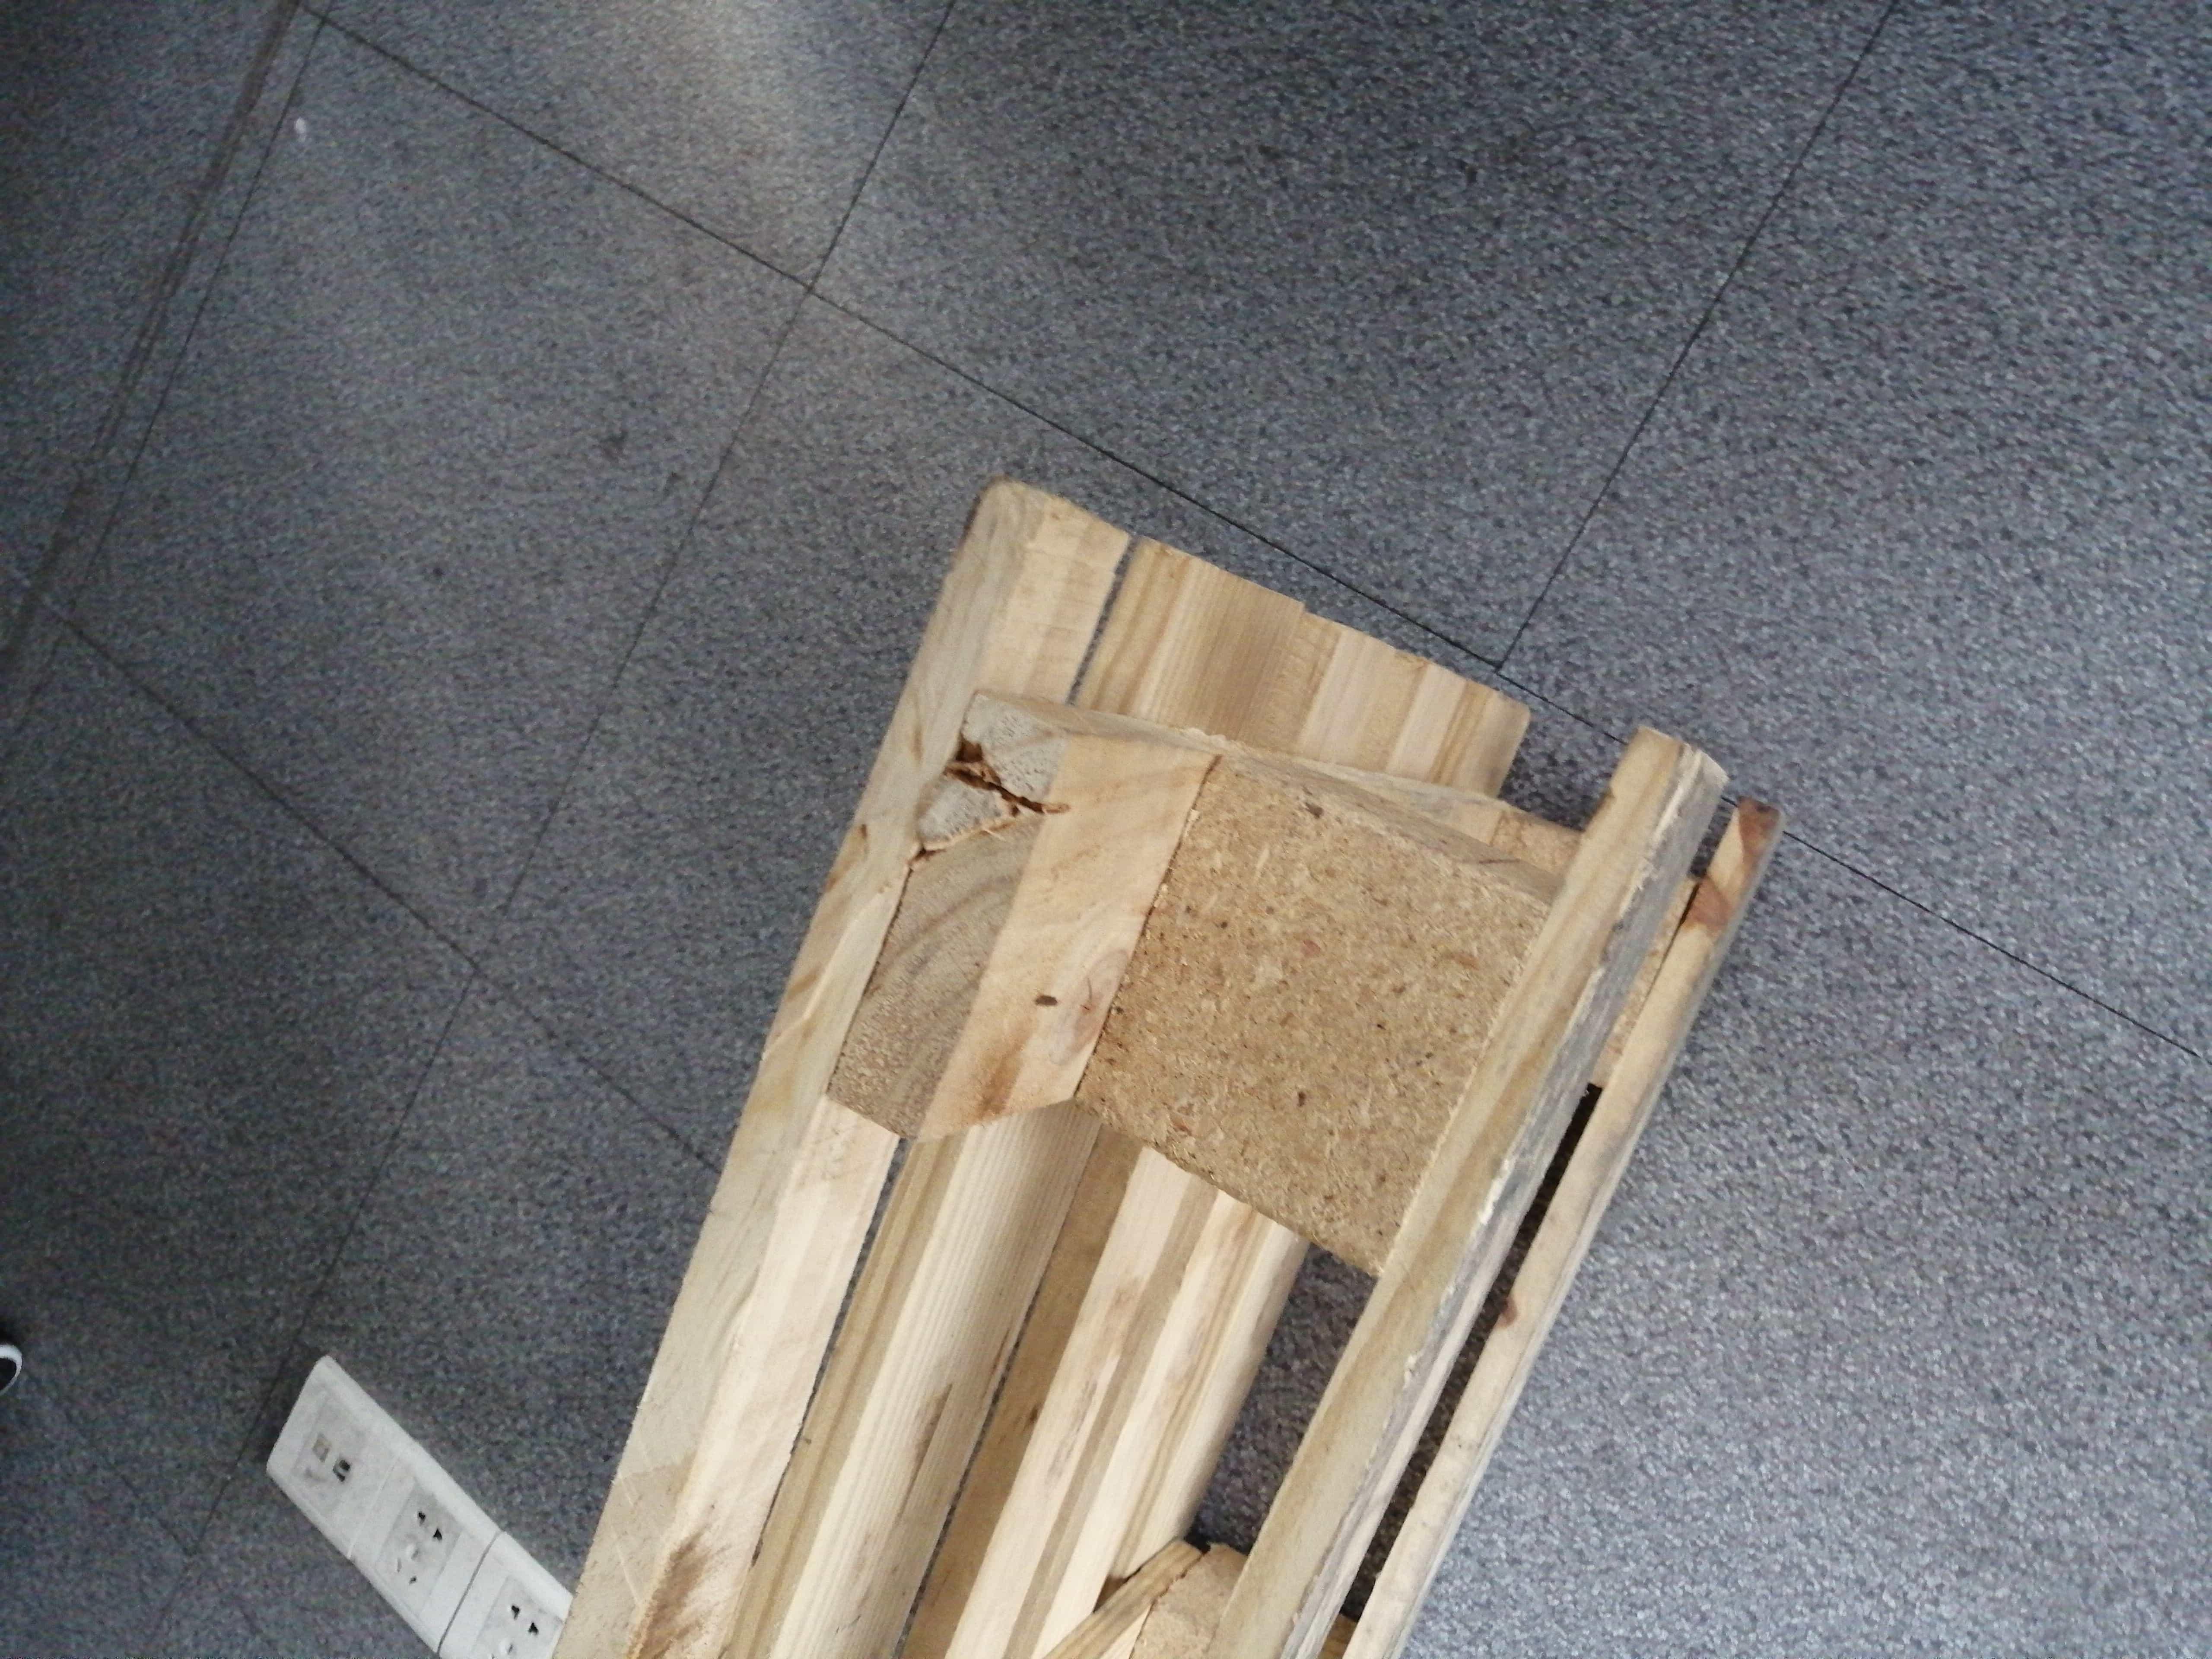 中国木材供应商厂家-中国木材供应商厂家、公司、?,♬☺≜㊜➨?业